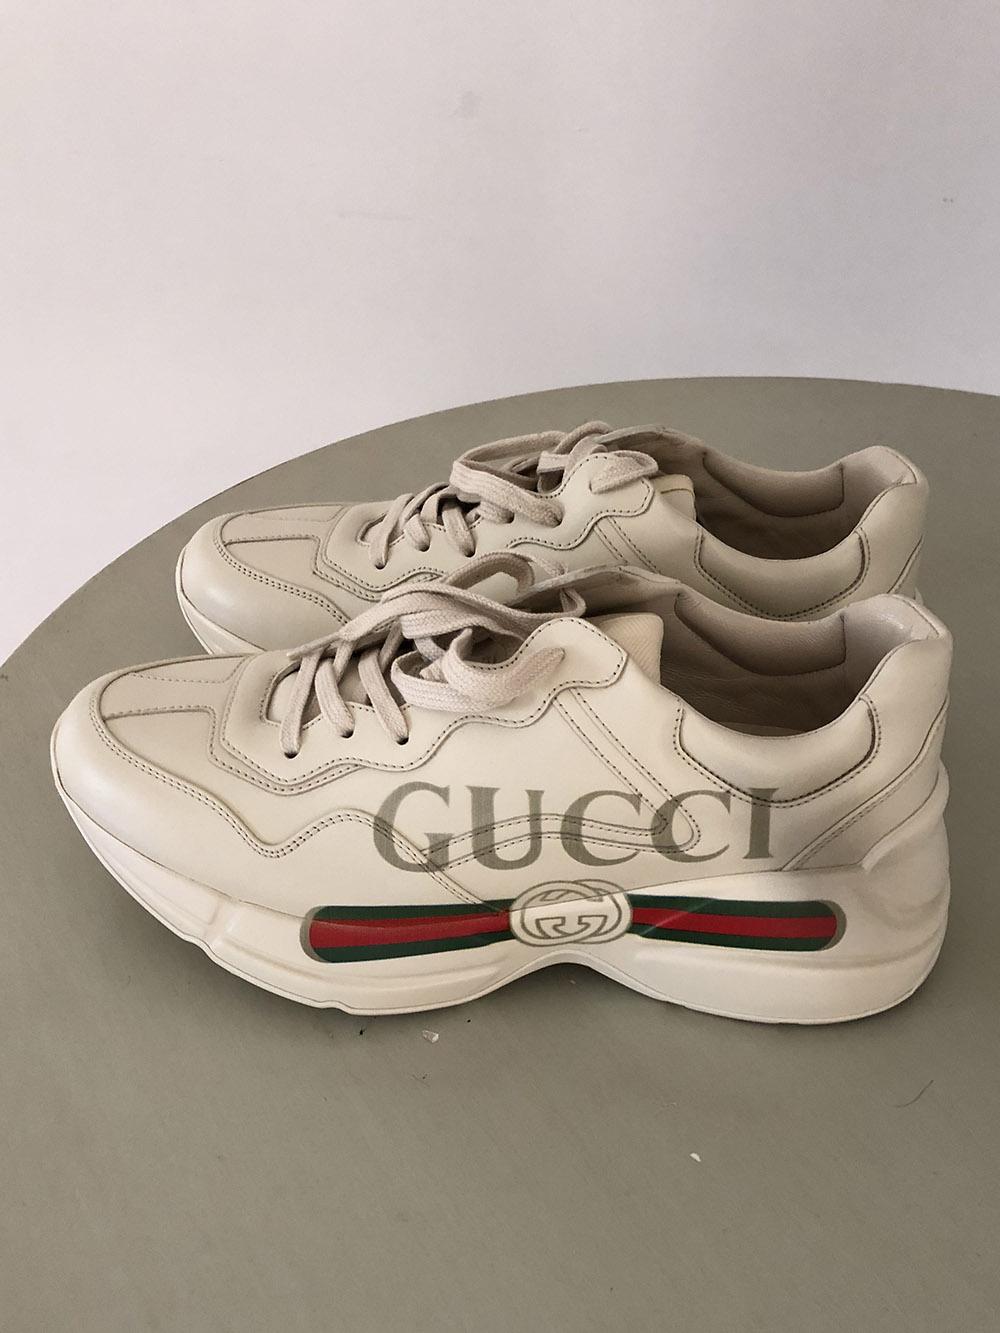 Gucci Rhyton